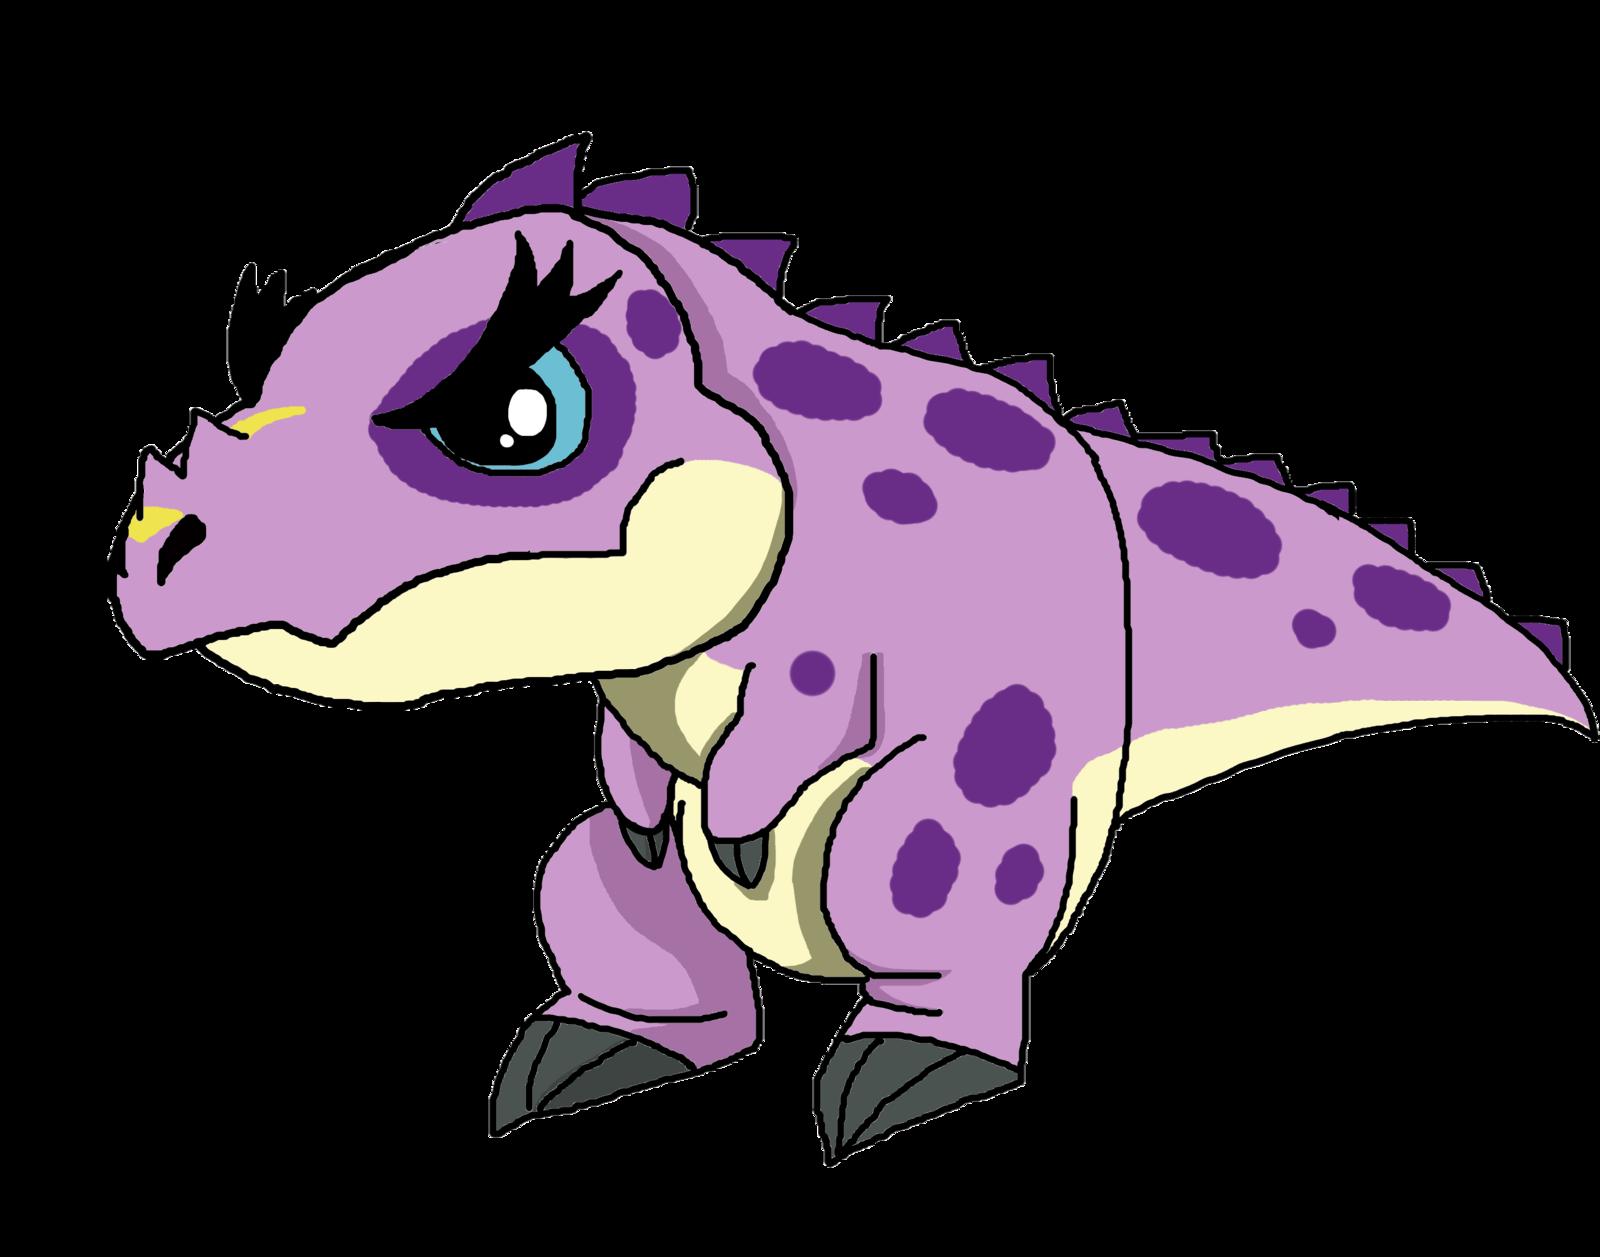 Dinosaur clipart megalosaurus. King tyrannosaurus ankylosaurus ace